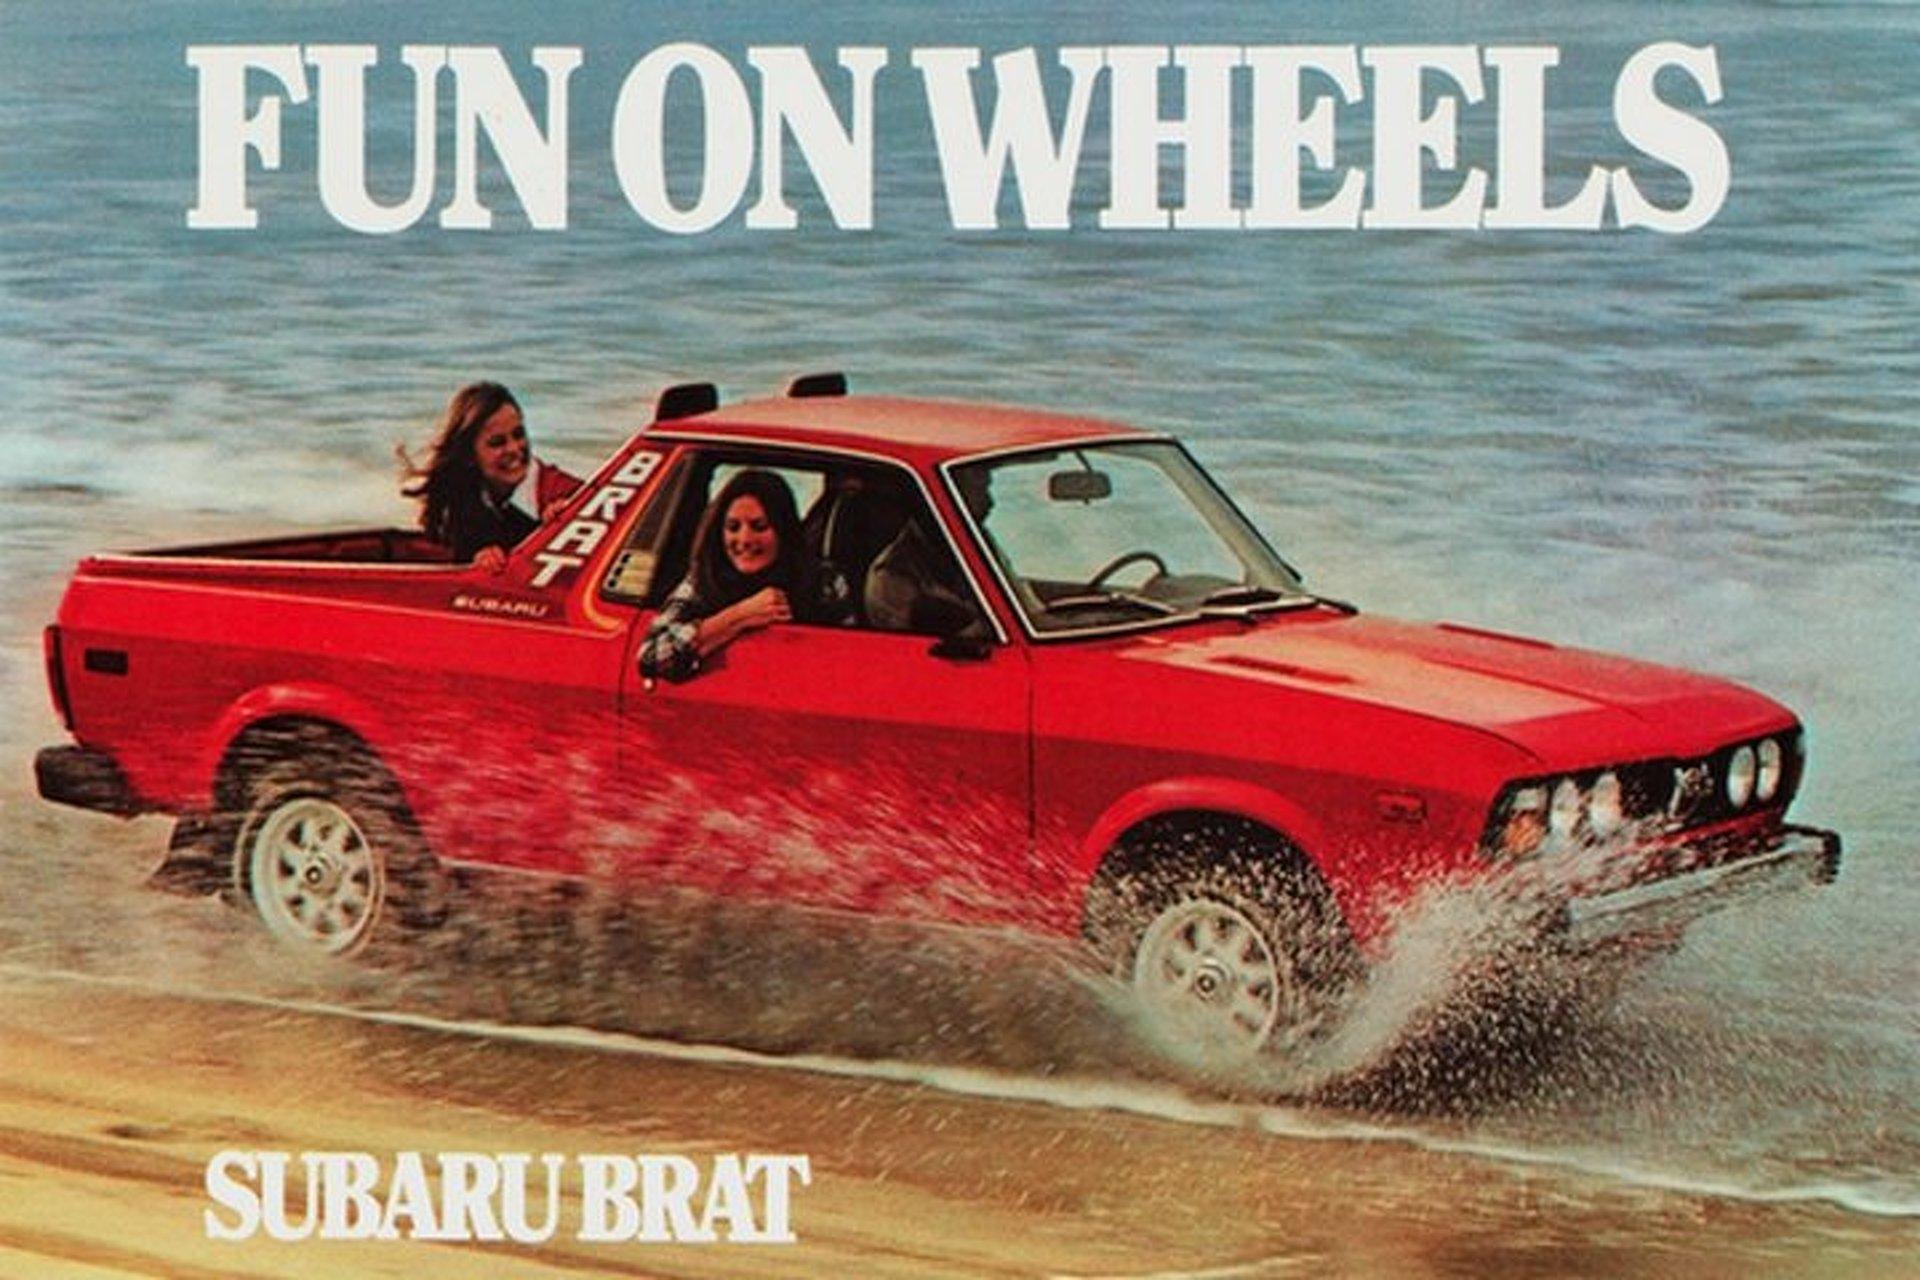 Fun on Wheels The Subaru BRAT is Too Fun to Exist Today